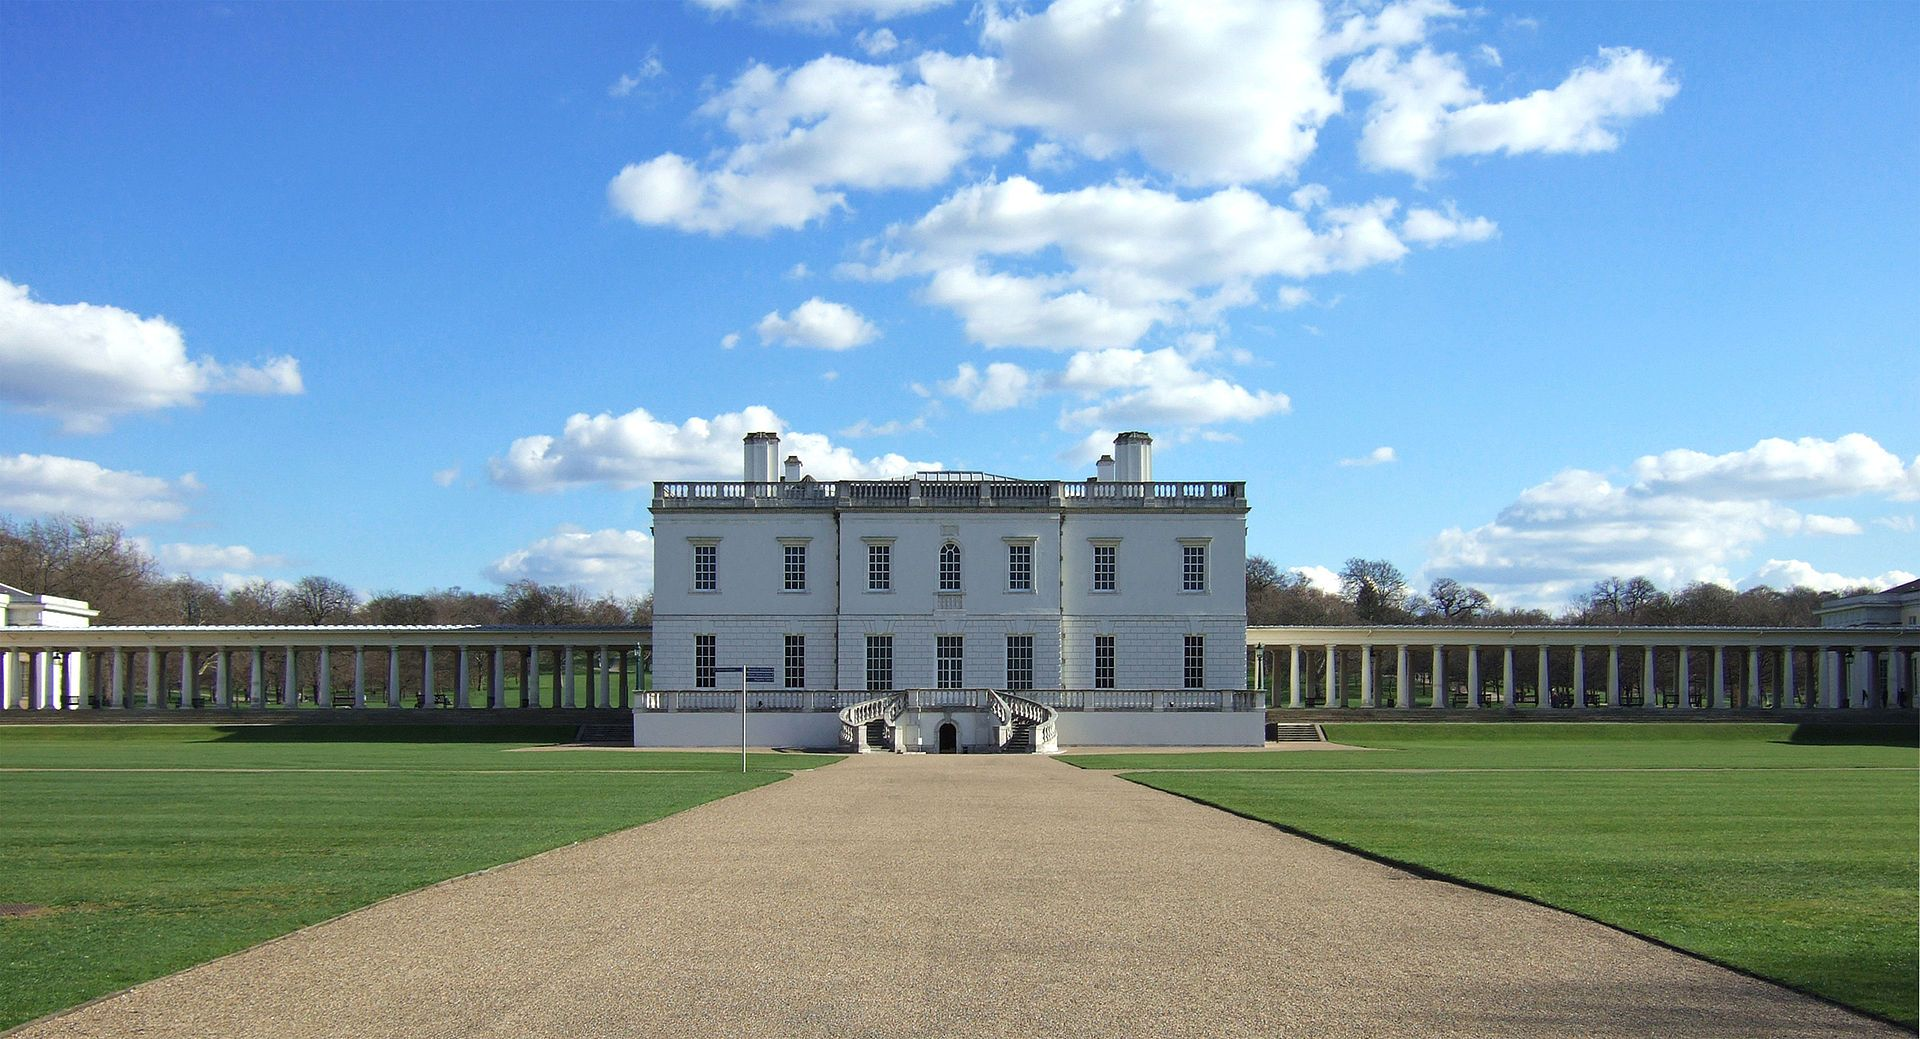 Best Kitchen Gallery: English Renaissance Palladian Architecture Inigo Jones Was The of English Renaissance Architecture on rachelxblog.com